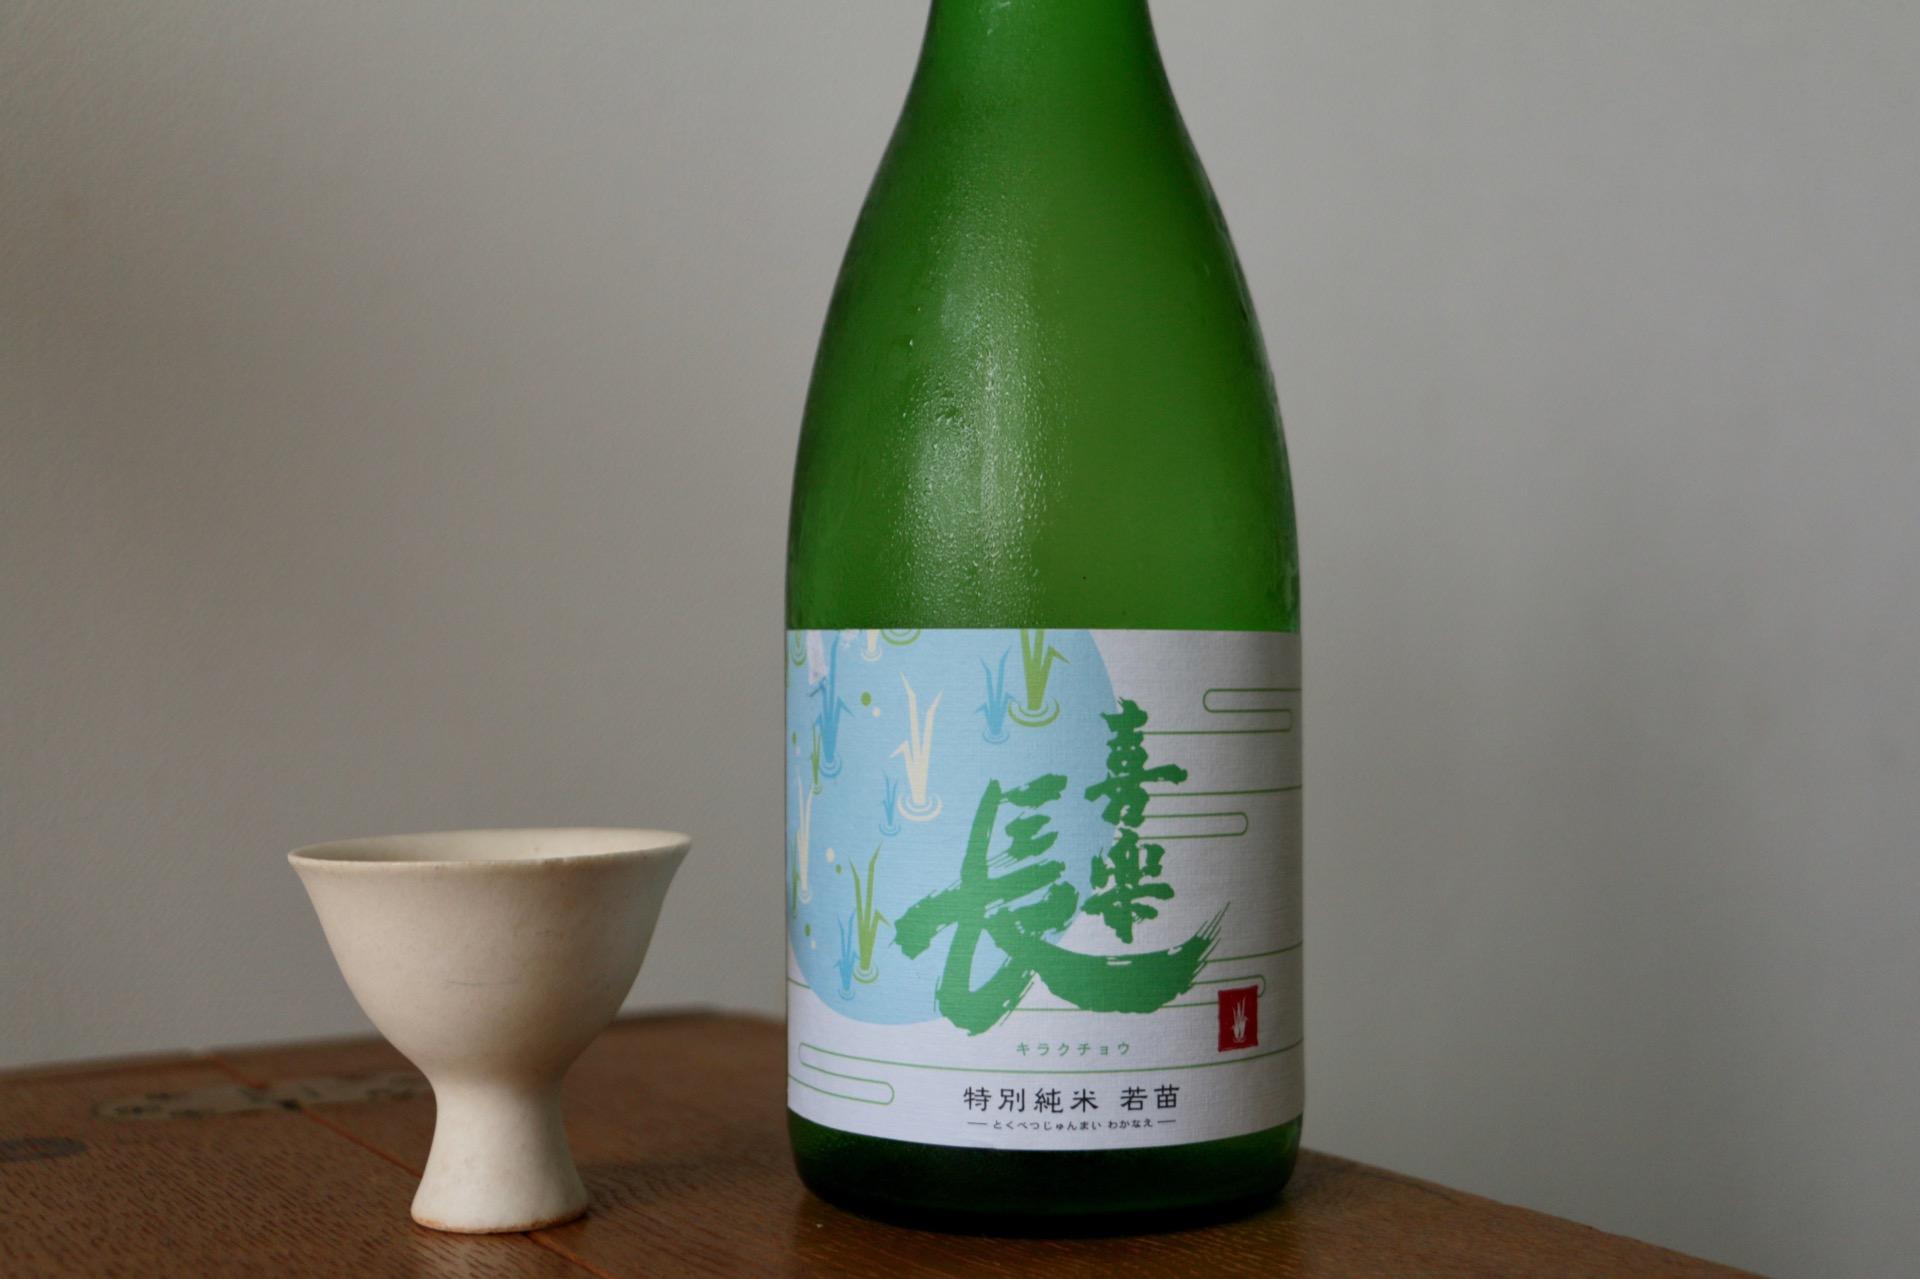 喜楽長 特別純米 若苗|日本酒テイスティングノート